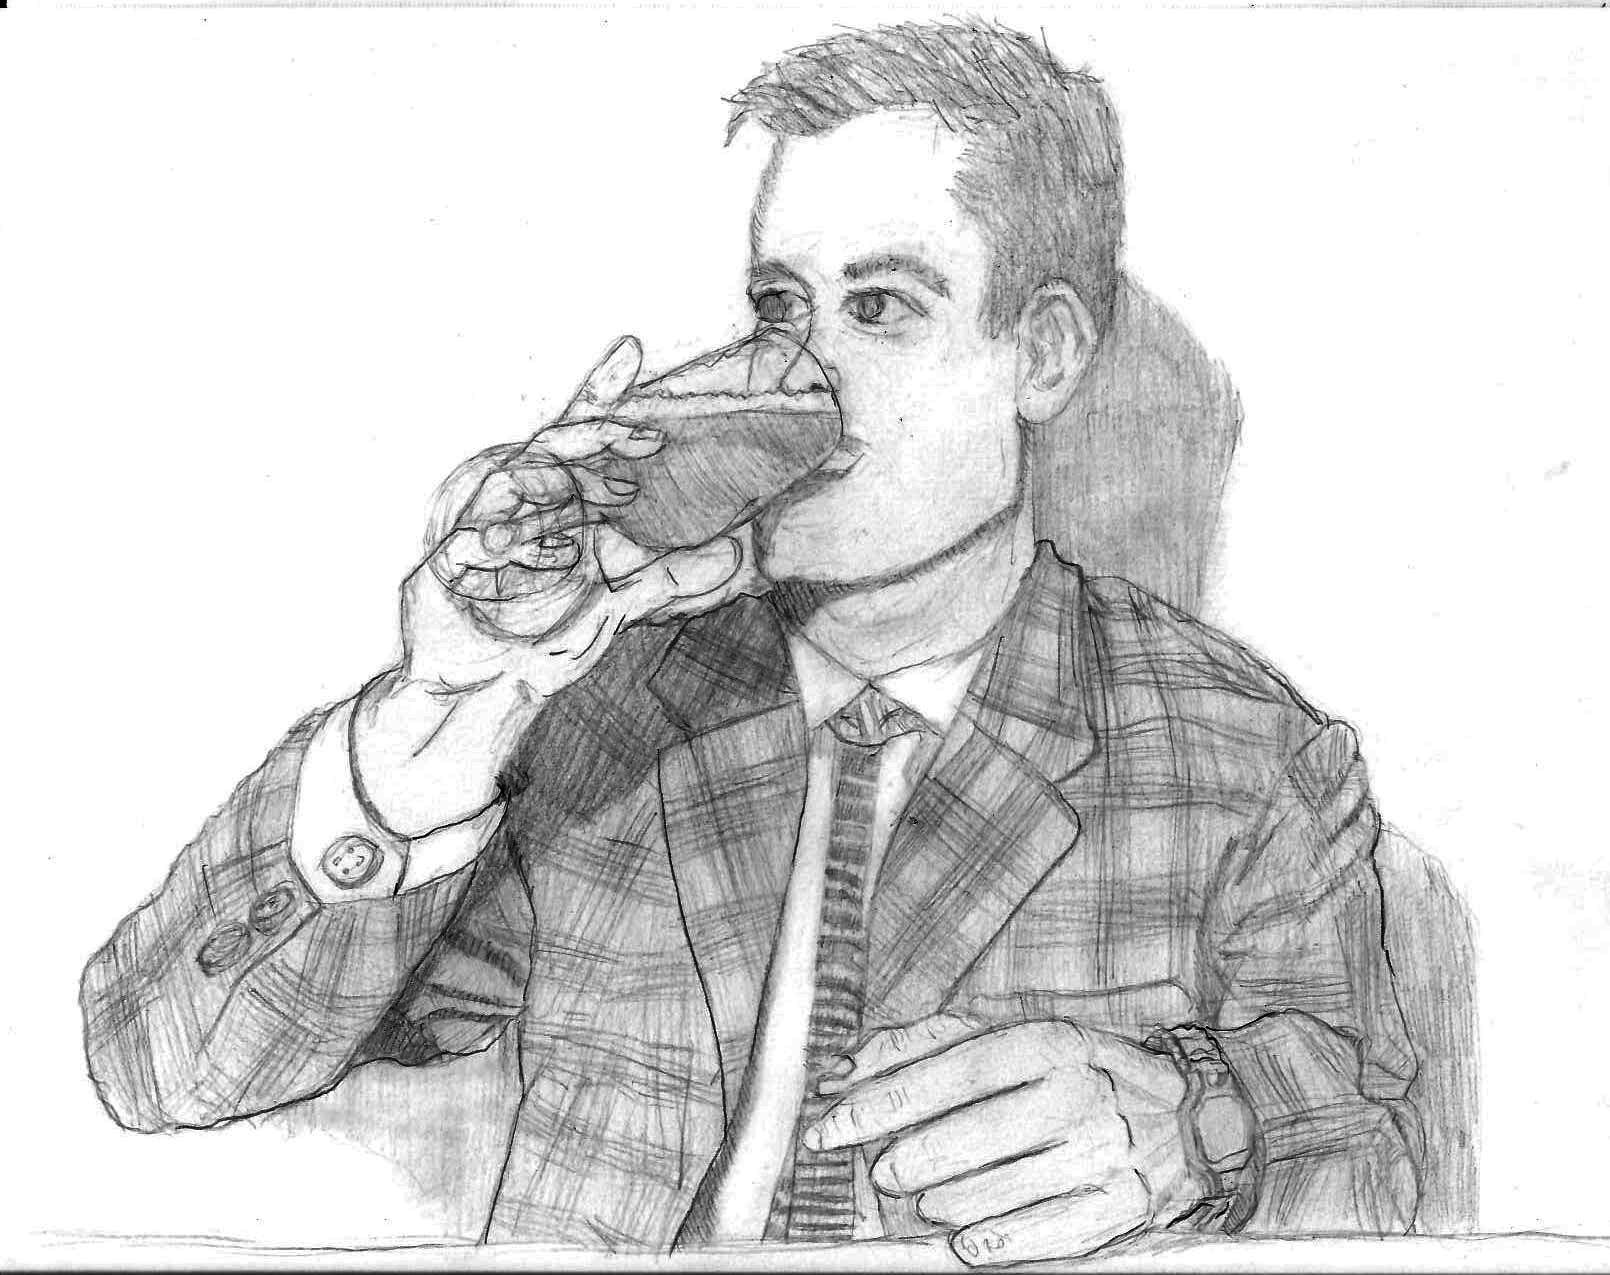 09-28_drink_beer_contrast.jpg